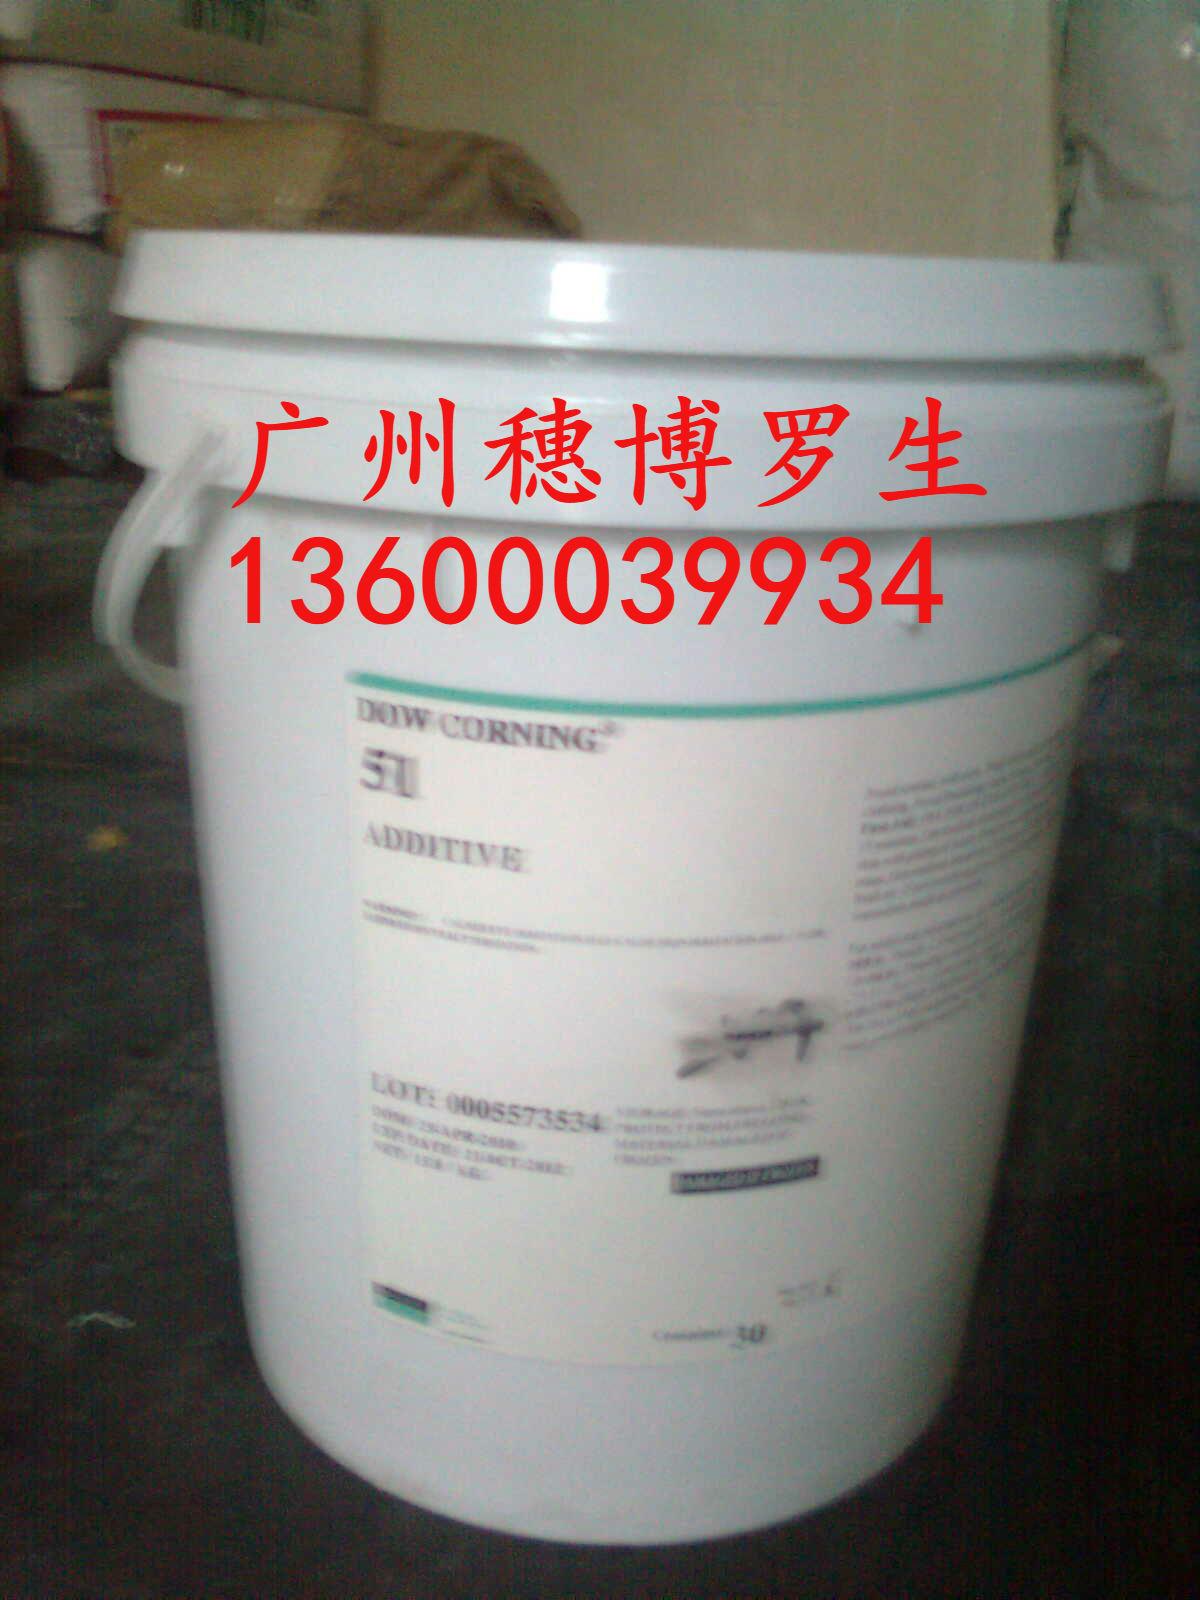 代理正宗道康宁DC51添加剂